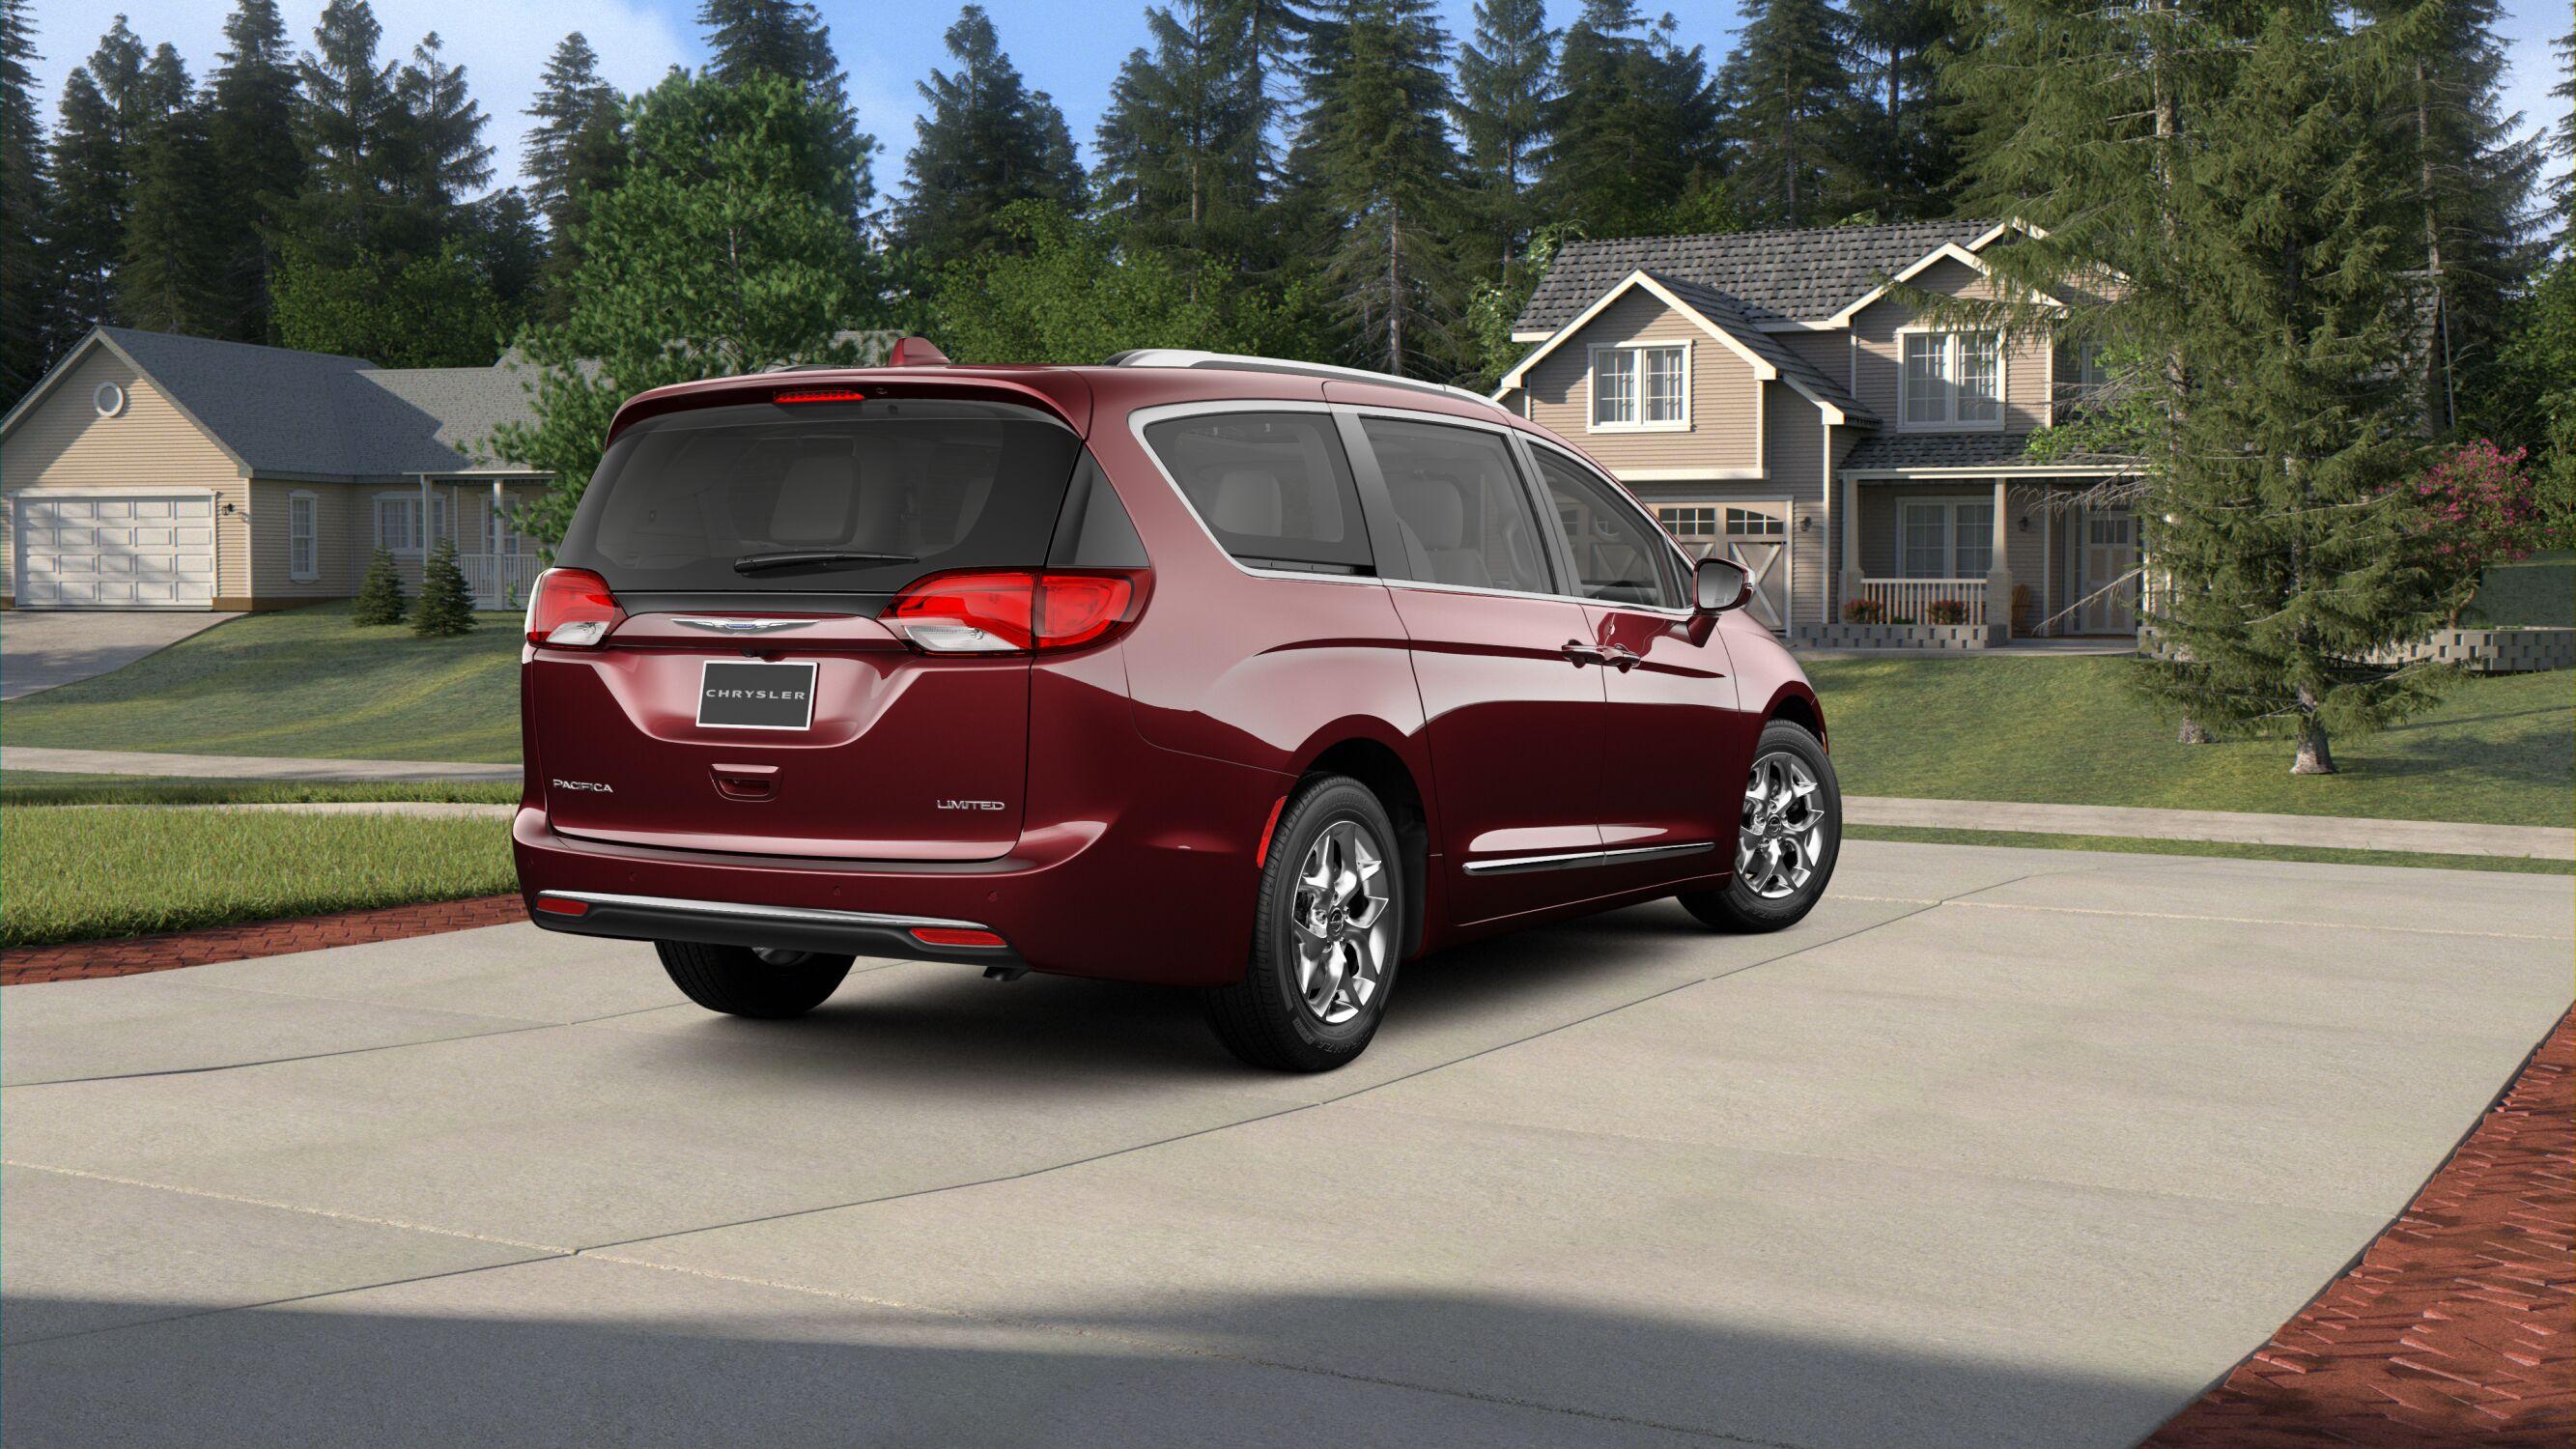 2019 Chrysler Pacifica Limited Velvet Red Pearl Exterior